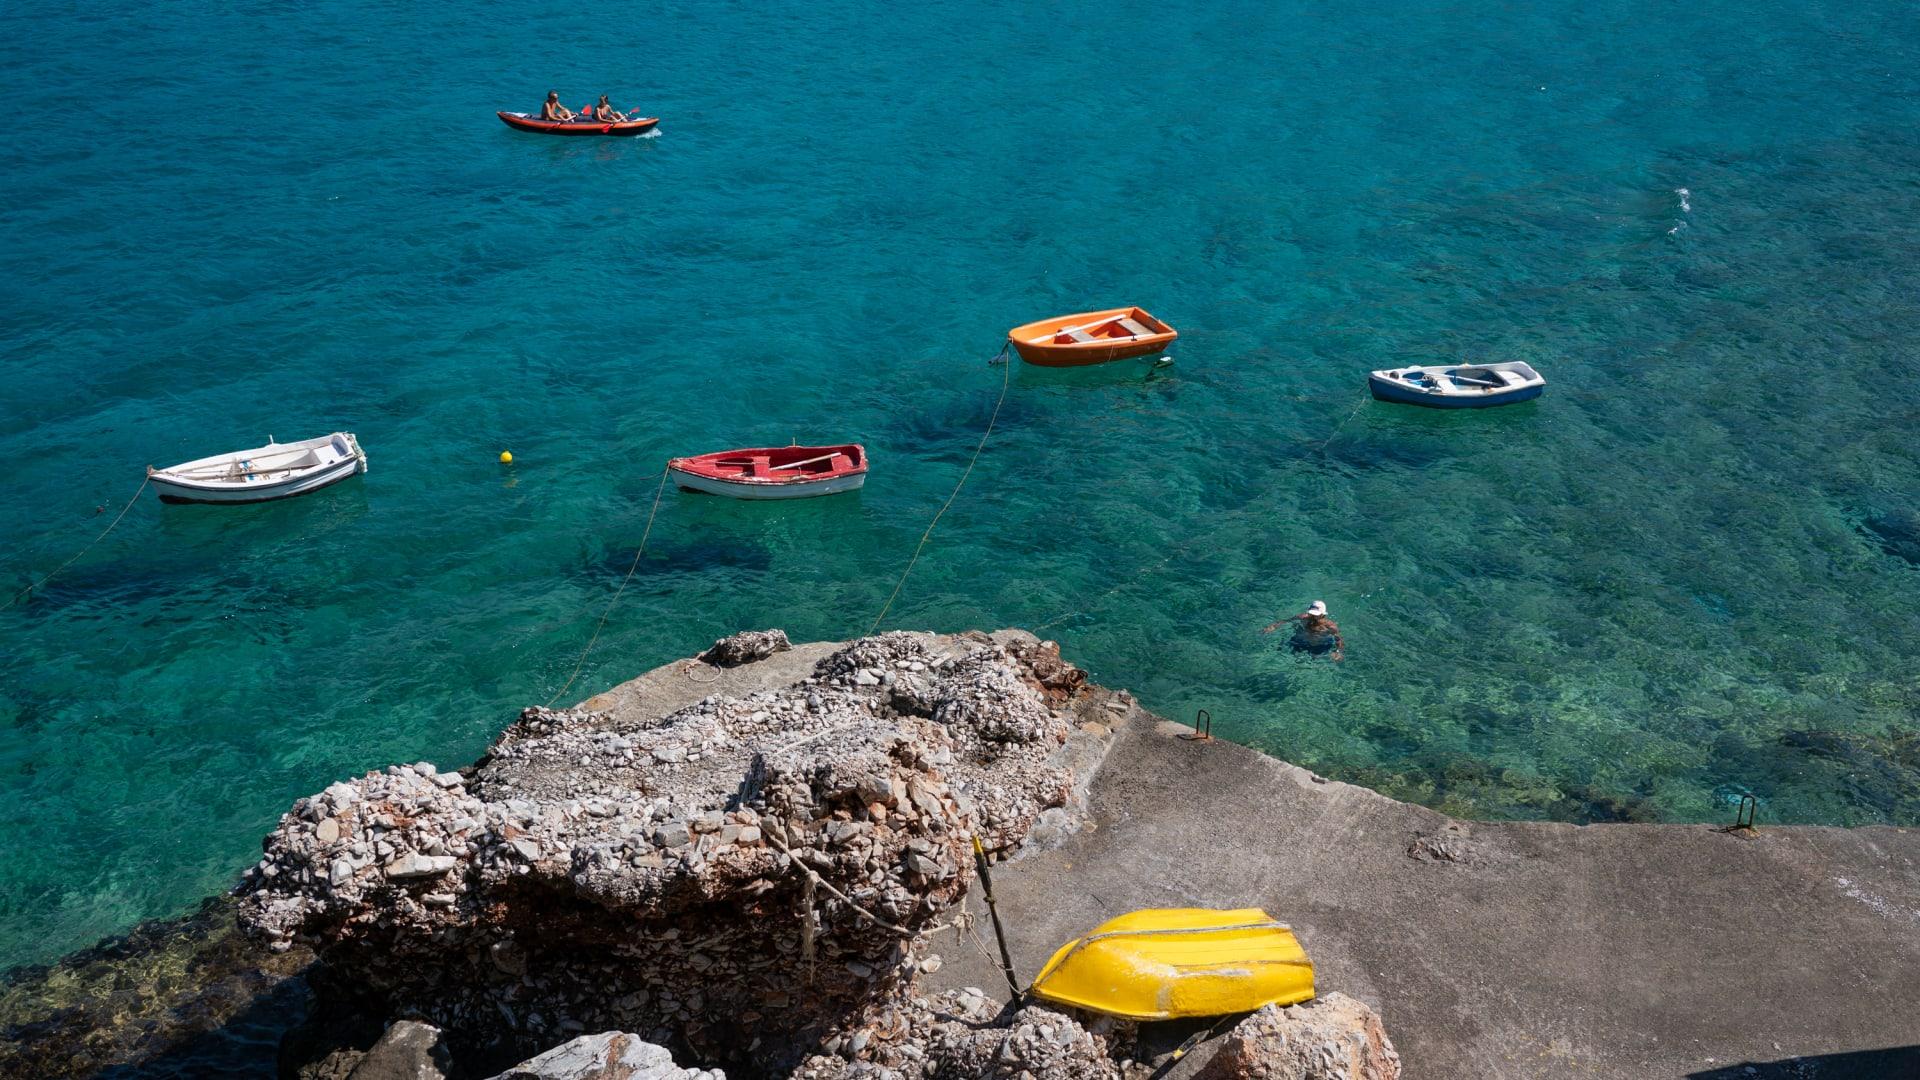 في ظل كورونا.. لماذا تُعد اليونان أفضل وجهة أوروبية للعطلات الآن؟